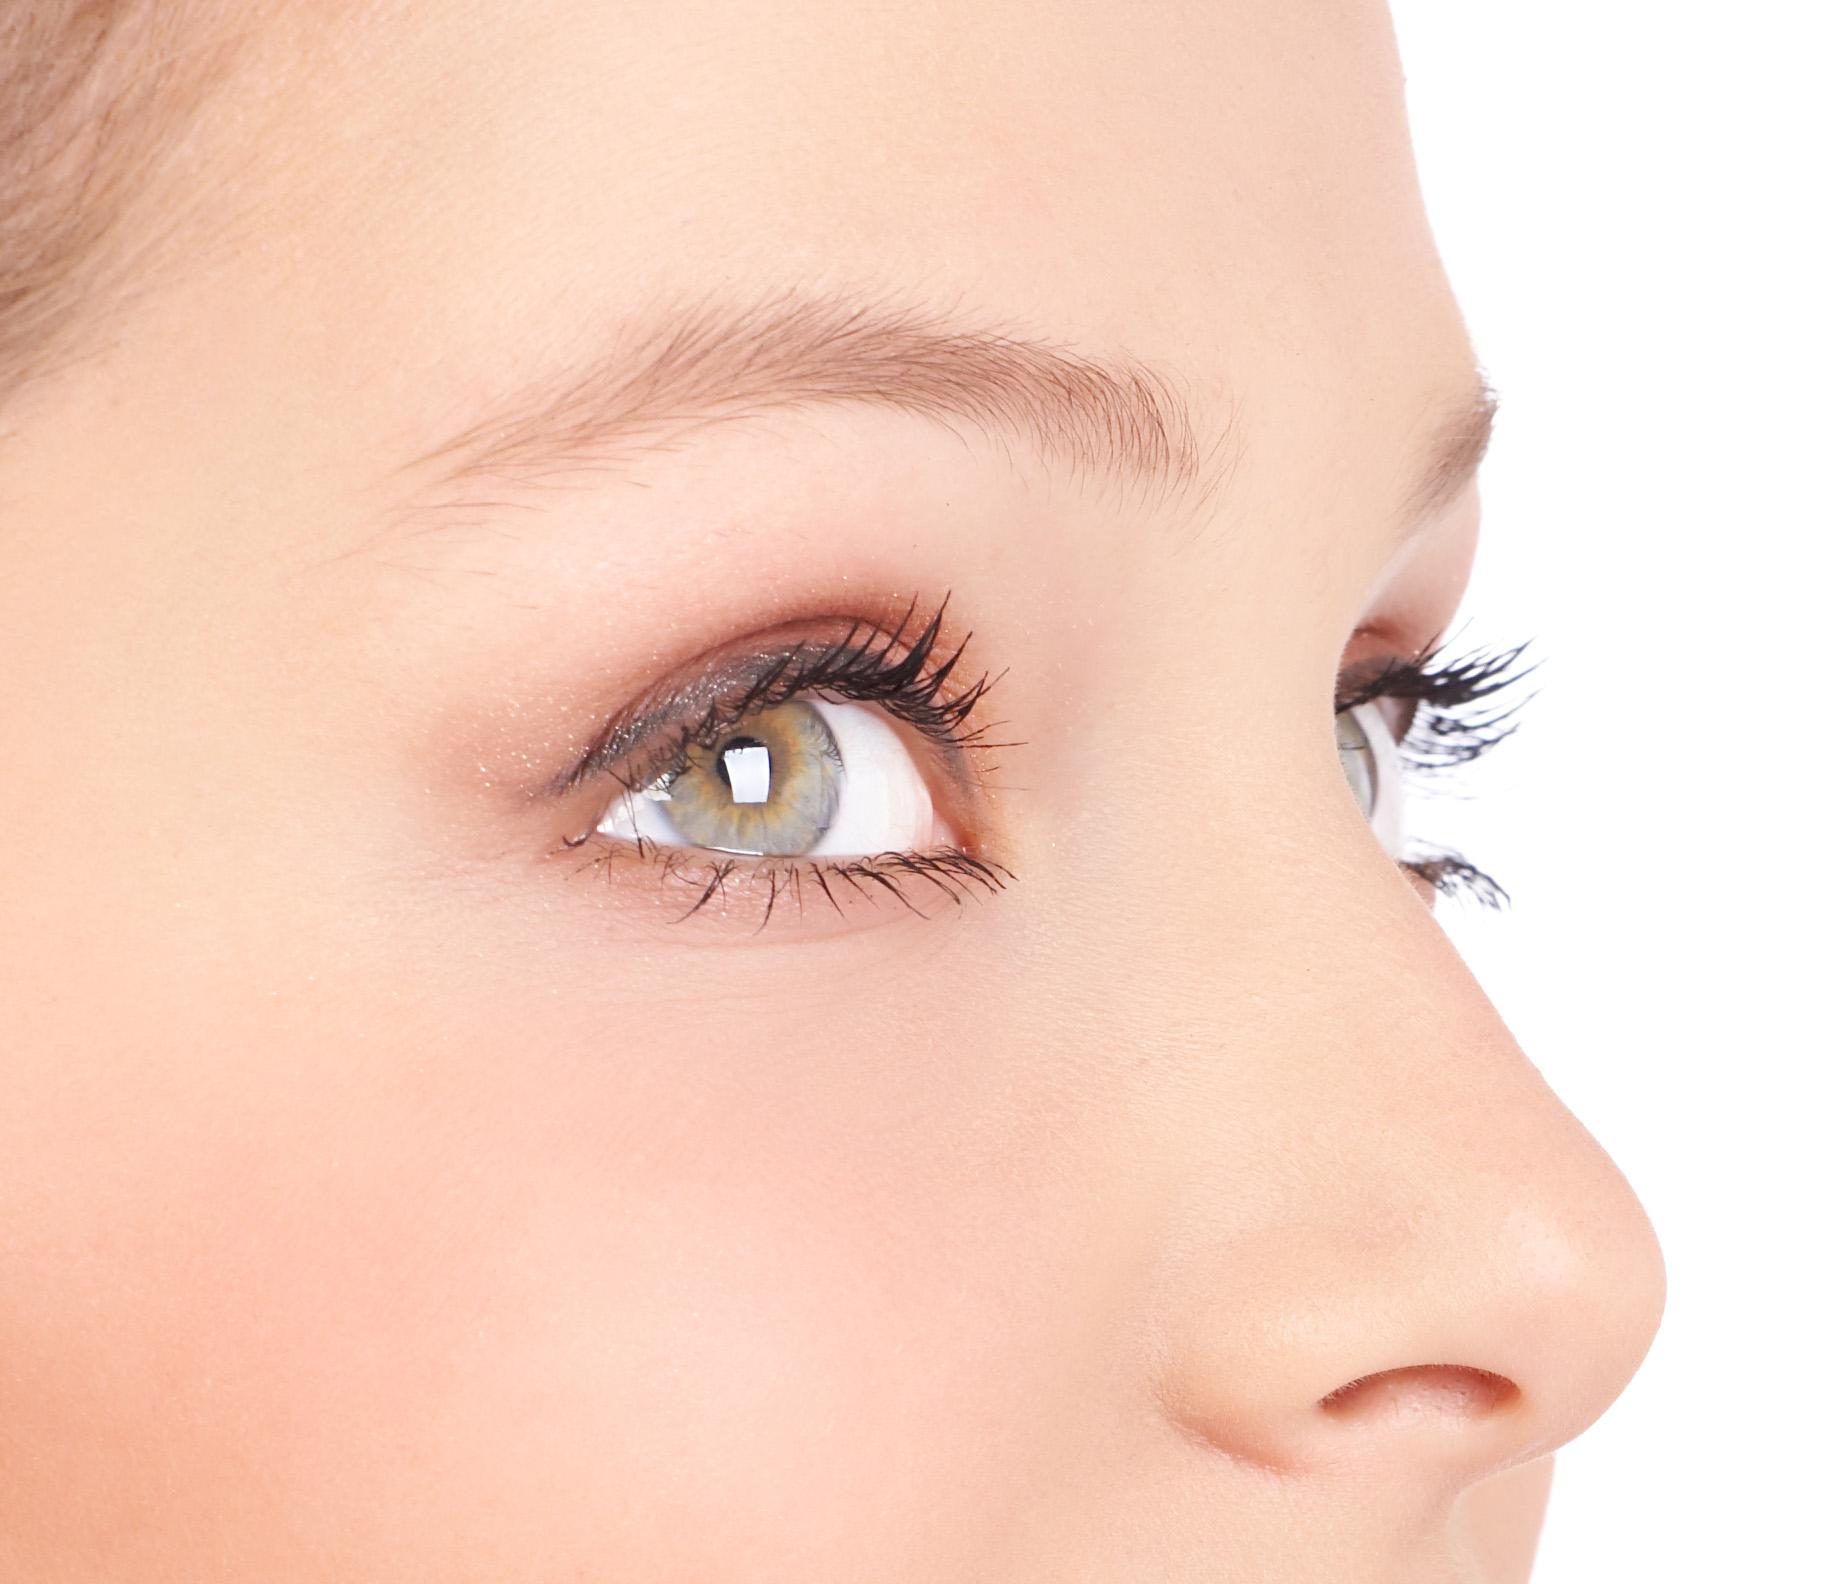 贵阳美莱整形医院切开切双眼皮手术要多少钱 有哪些优势呢